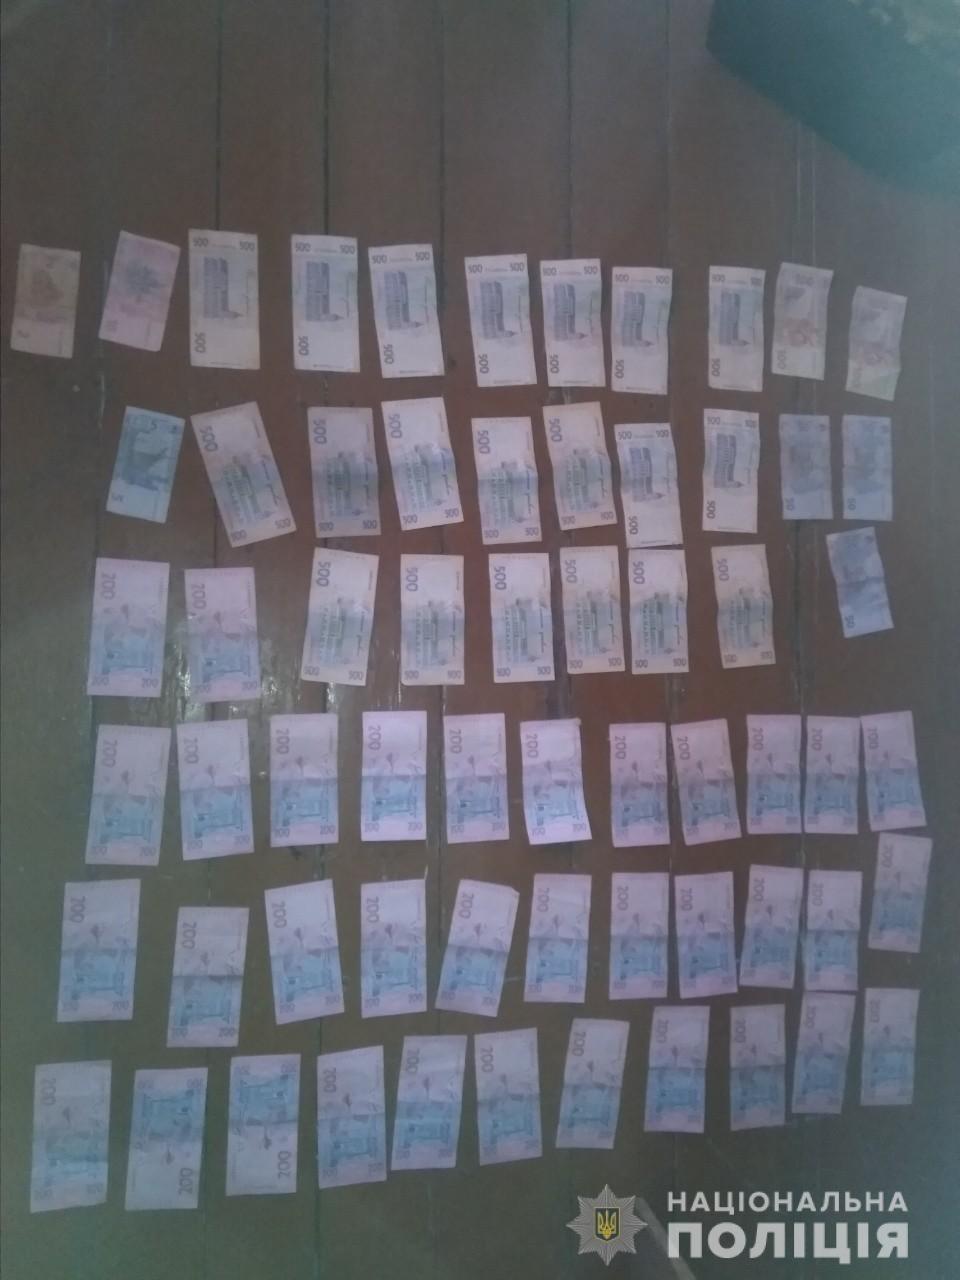 Ударили битой по голове и украли деньги: под Харьковом на бизнесмена напали неизвестные, - ФОТО, ВИДЕО, фото-2